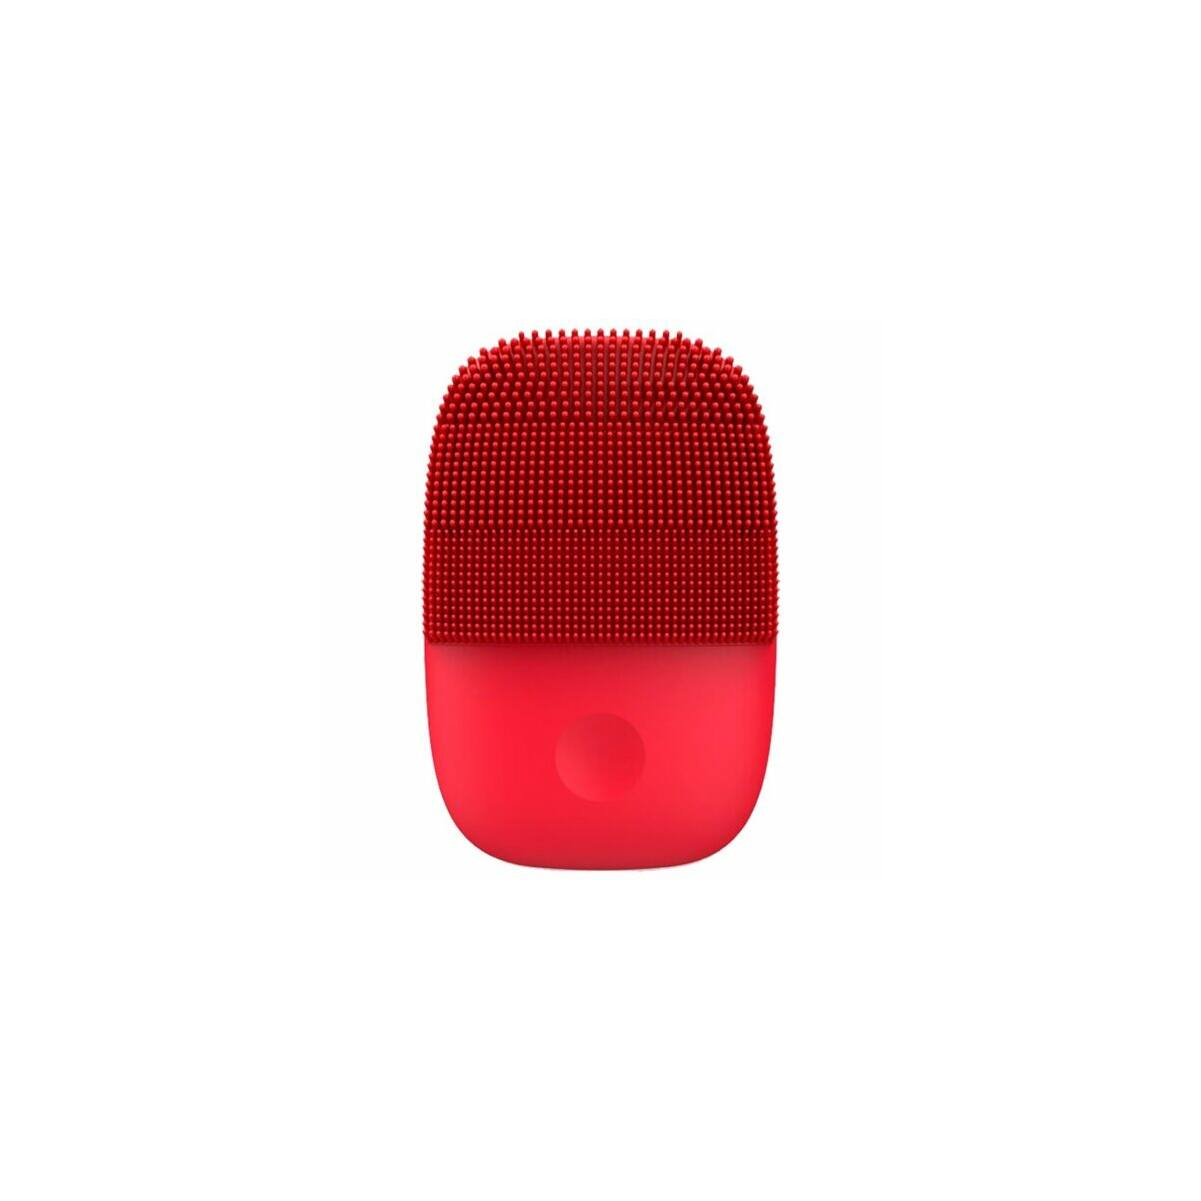 Xiaomi Inface Electric Sonic Facial Cleaner Upgrade Version, Elektronikus arctisztító ecset, piros  EU